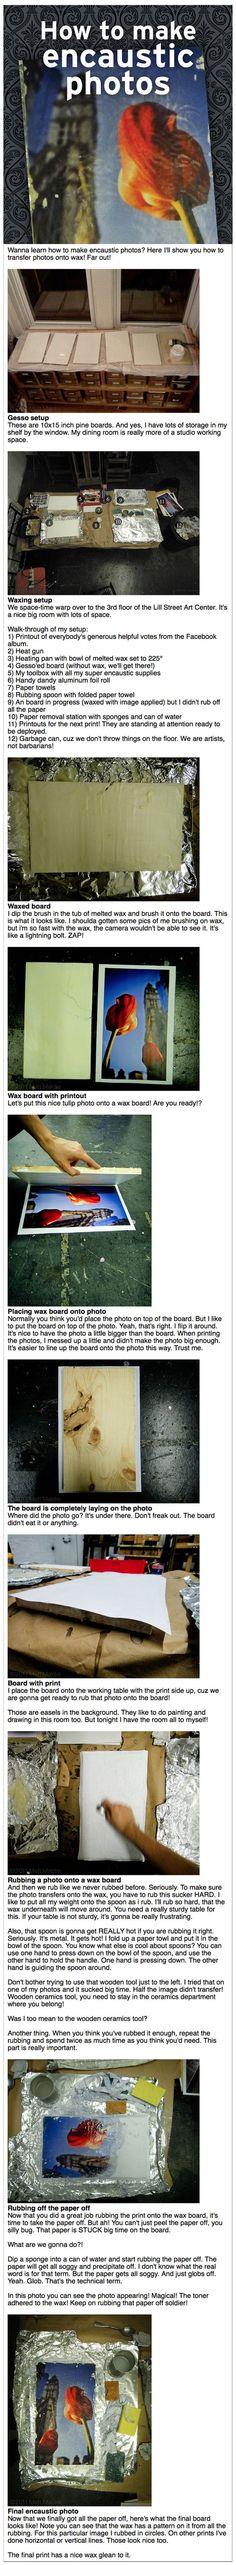 """How to make photos encaustic (wax) Een handige stap voor stap handleiding om een photo op wax you """"drukken"""" .:"""